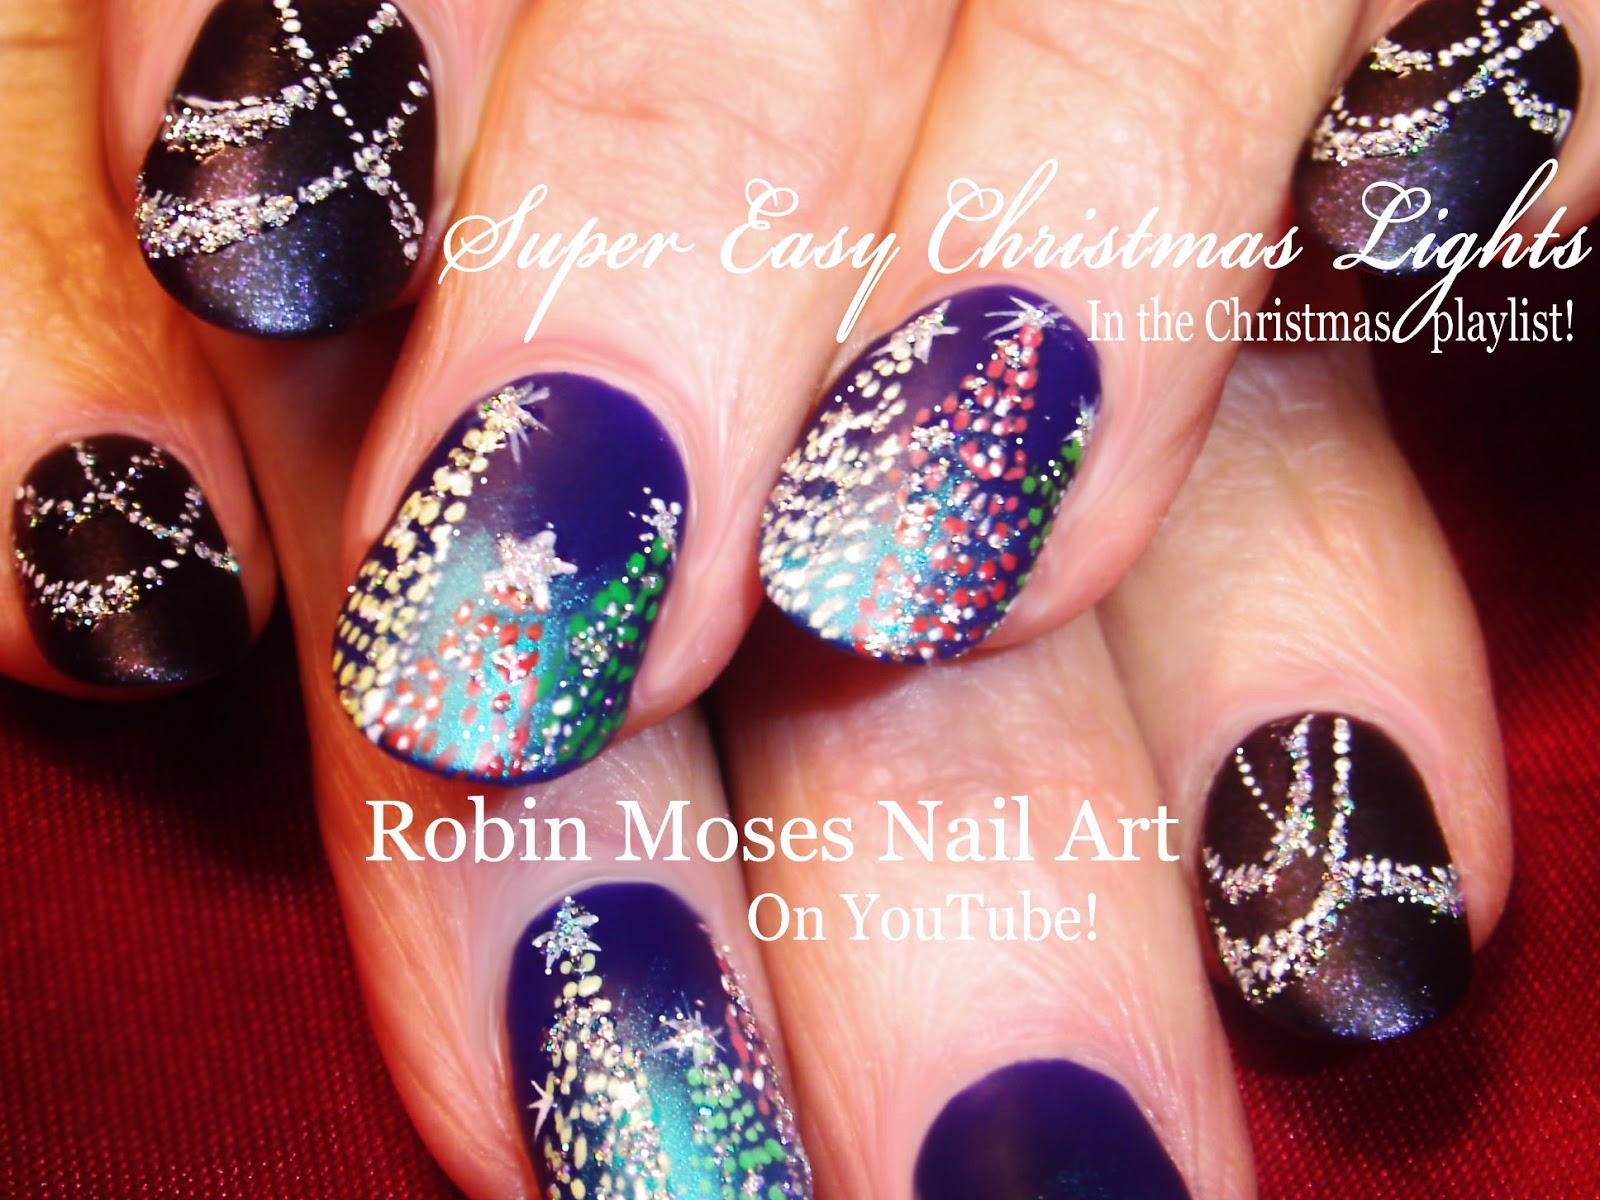 Robin moses nail art christmas lights at night nail art christmas lights at night nail art design holiday bling nails tutorial prinsesfo Choice Image